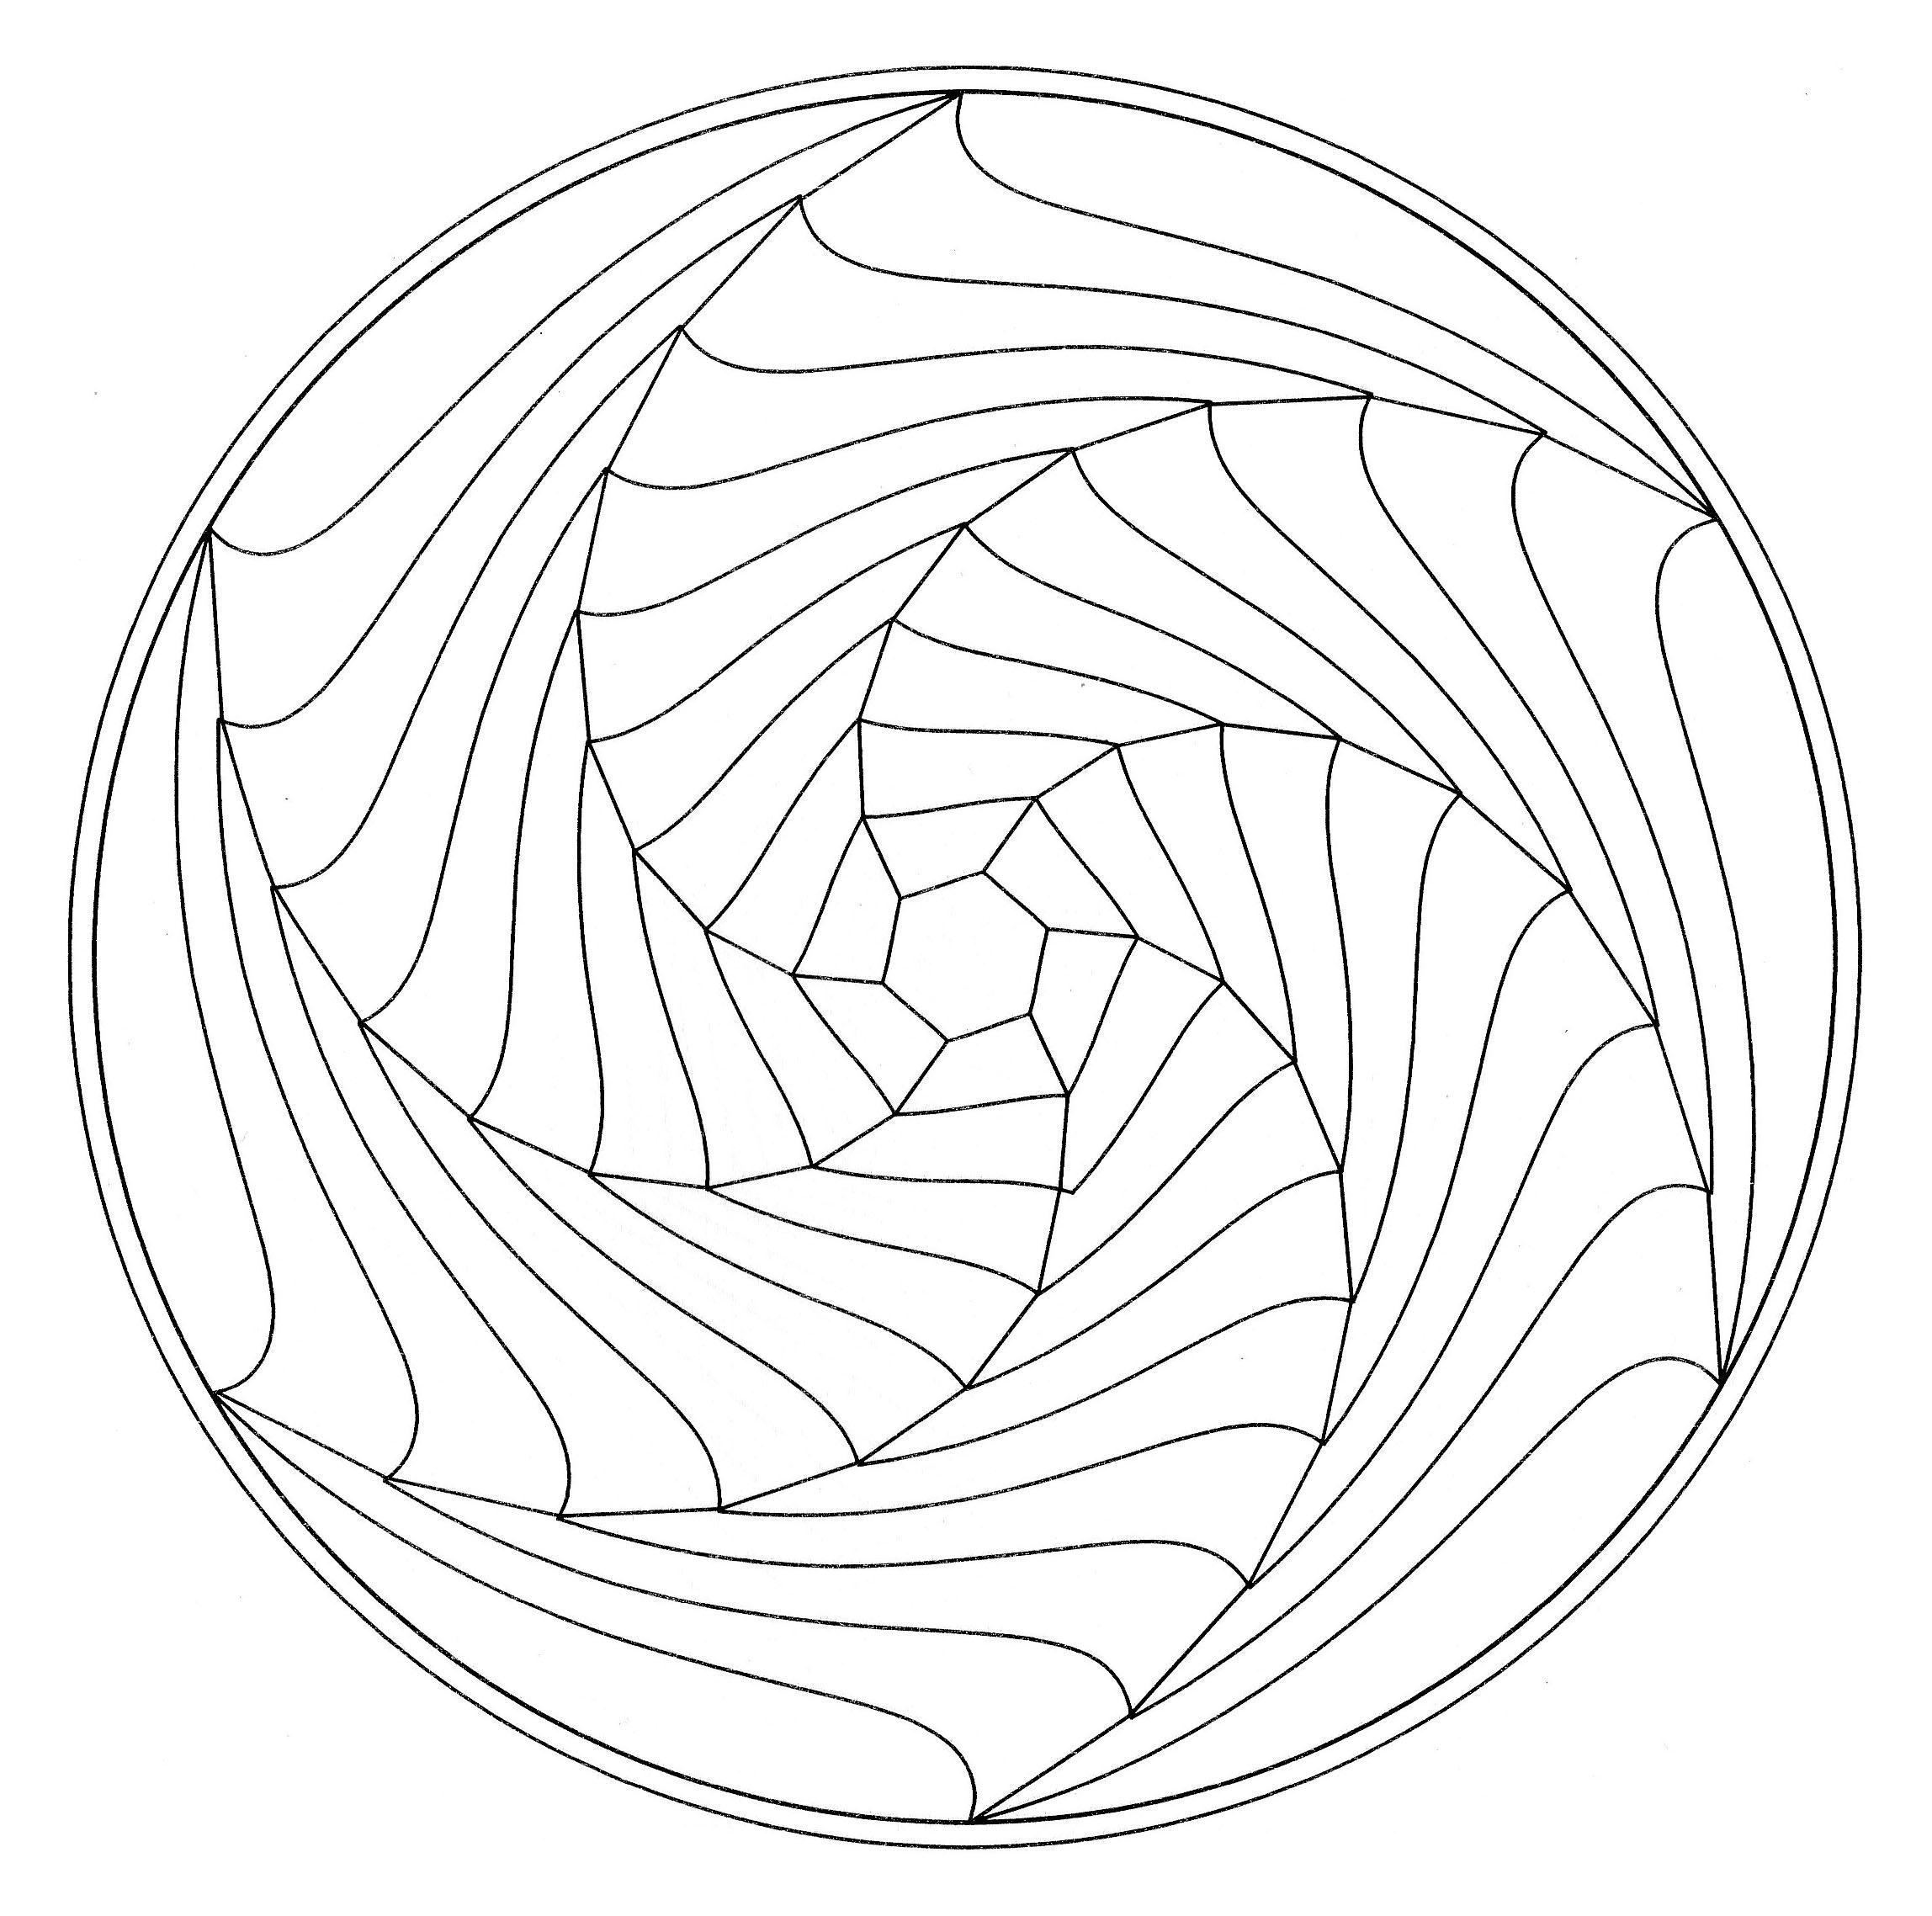 Luxe Dessin A Colorier Et A Imprimer Mandala